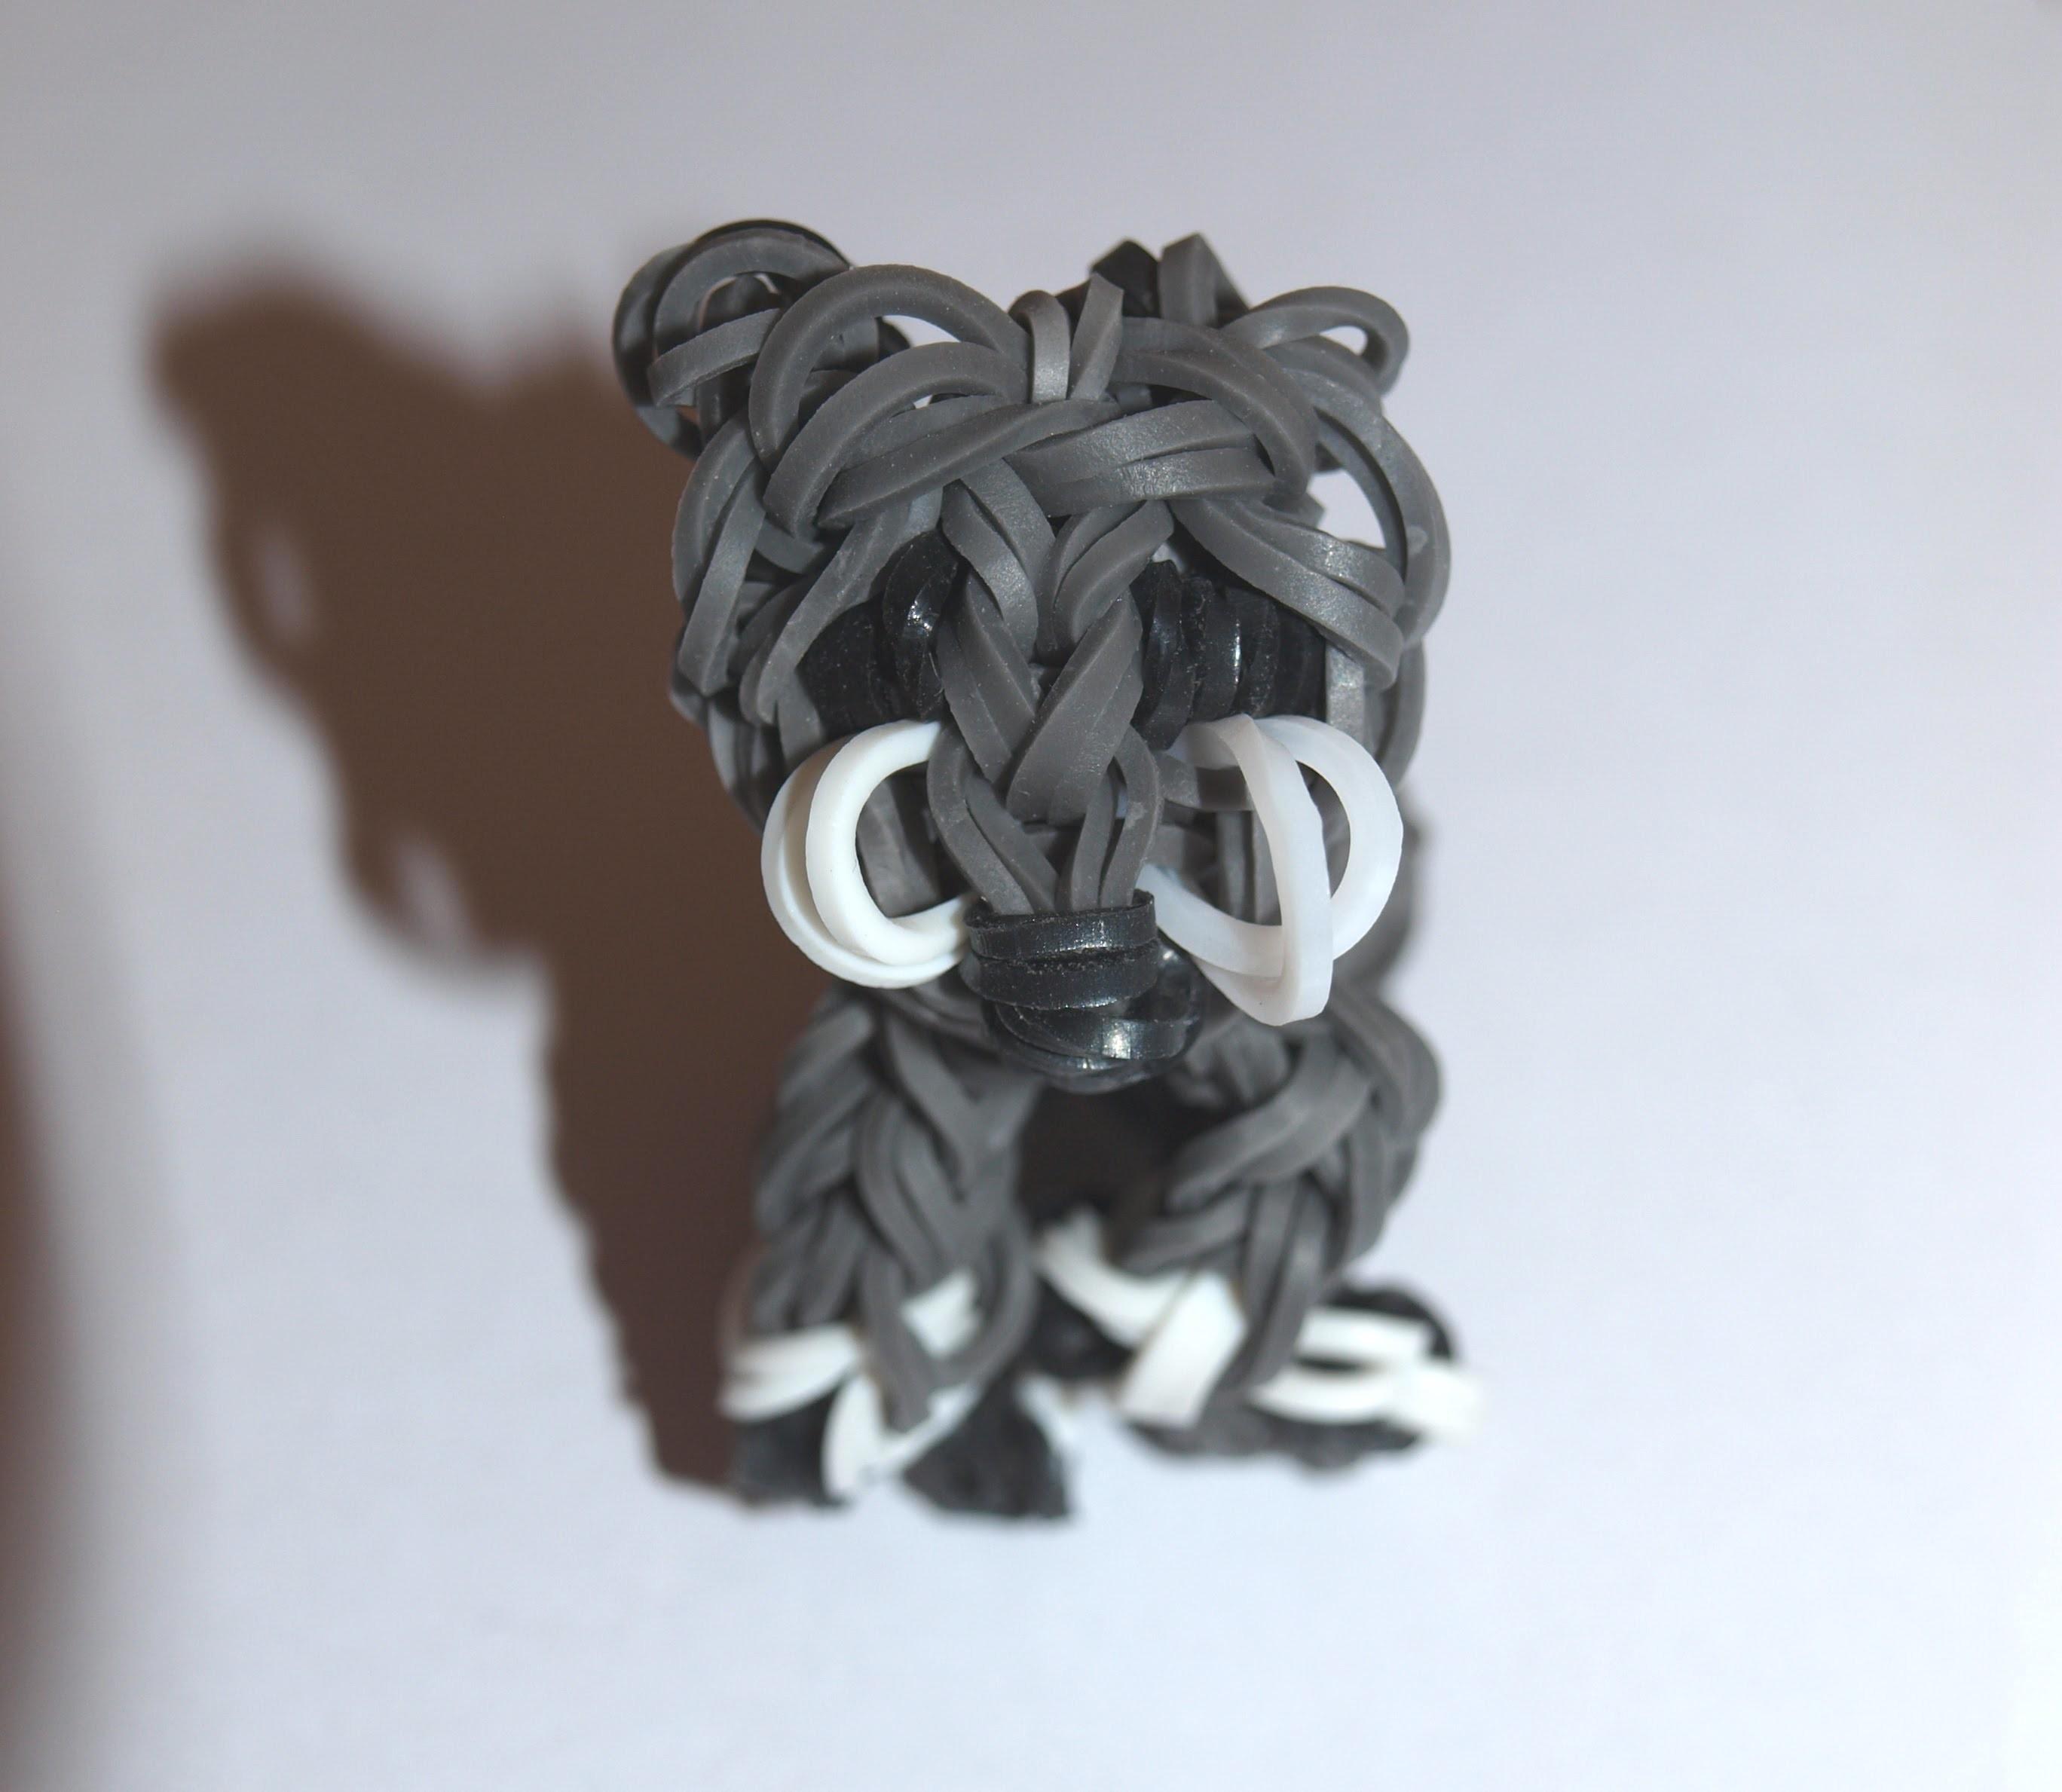 Tuto loom.Réaliser un chat en 3D avec des élastiques de type